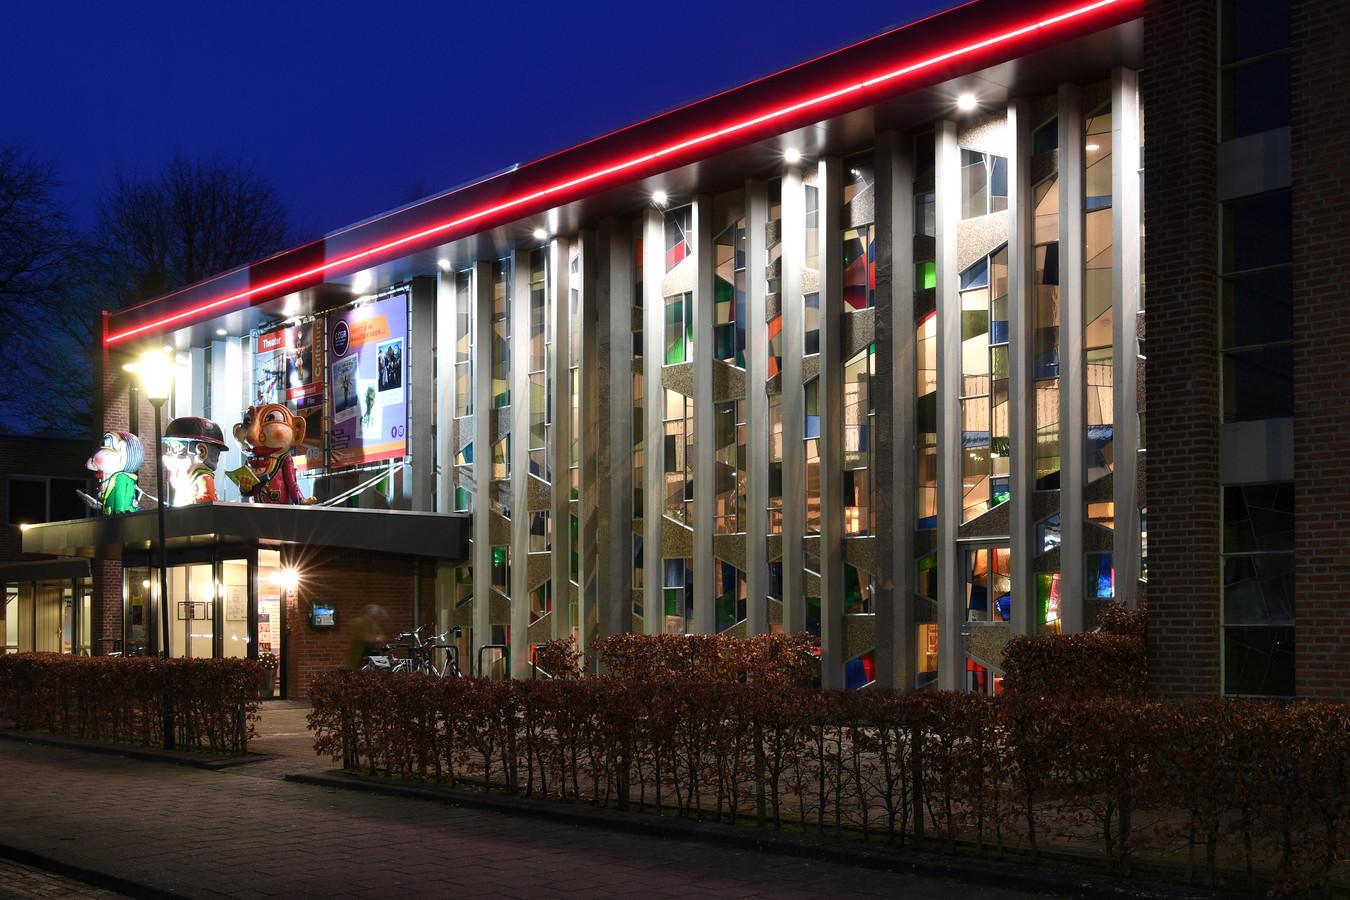 De voorkant van Cultureel Centrum De Boodschap in Rijen met zijn glas en lood ramen.